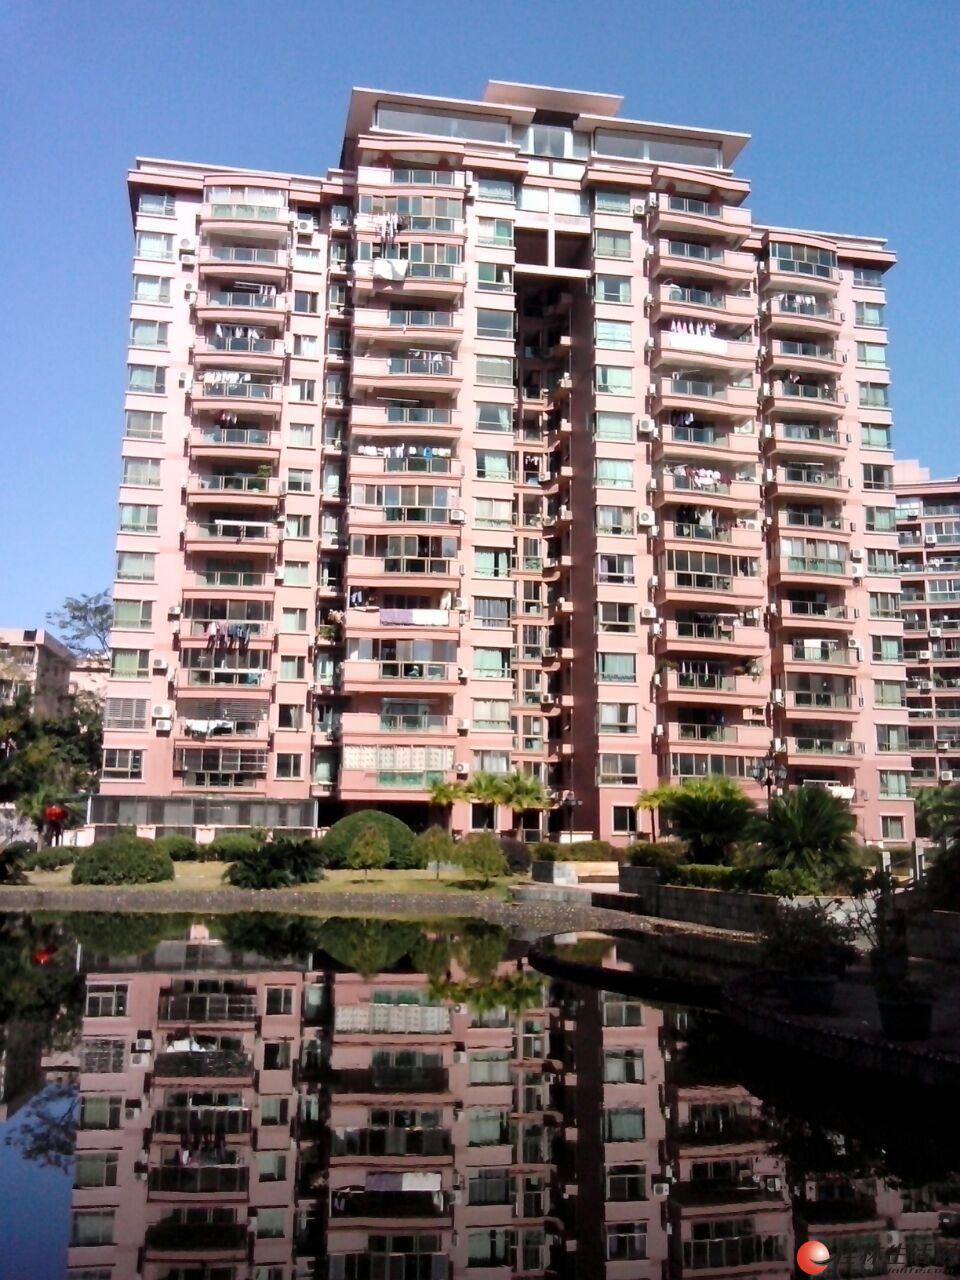 世纪新城2-3楼复式4房2厅2卫,210平米,4500元/月,精装修,适合办公,临街